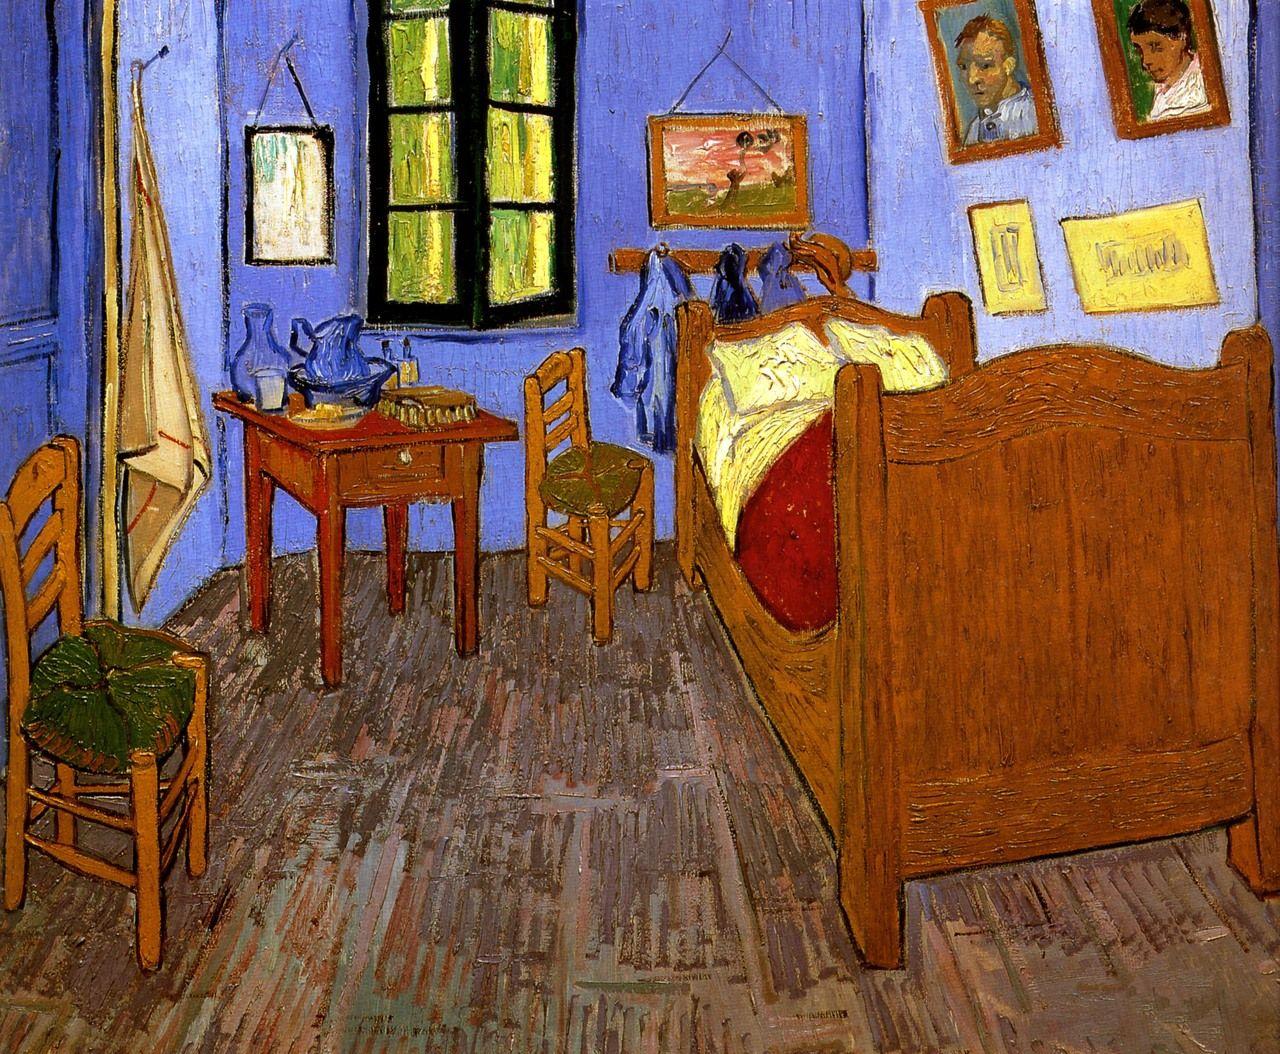 Bedroom at Arles Vincent van gogh art, Van gogh art